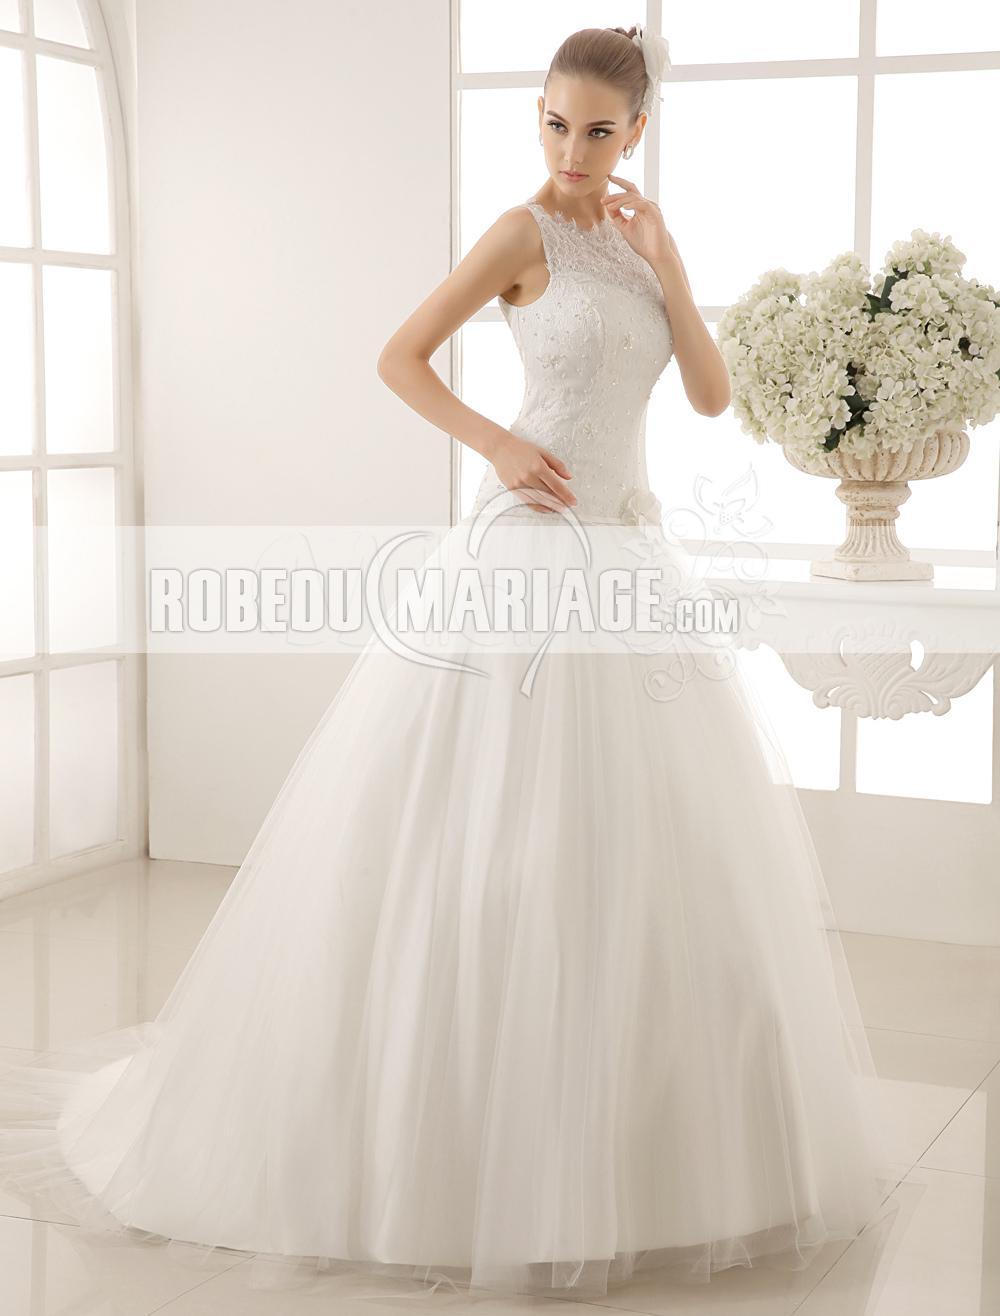 robe de mari e princesse sans manches en dentelle et perles avec fleur robe2011378. Black Bedroom Furniture Sets. Home Design Ideas